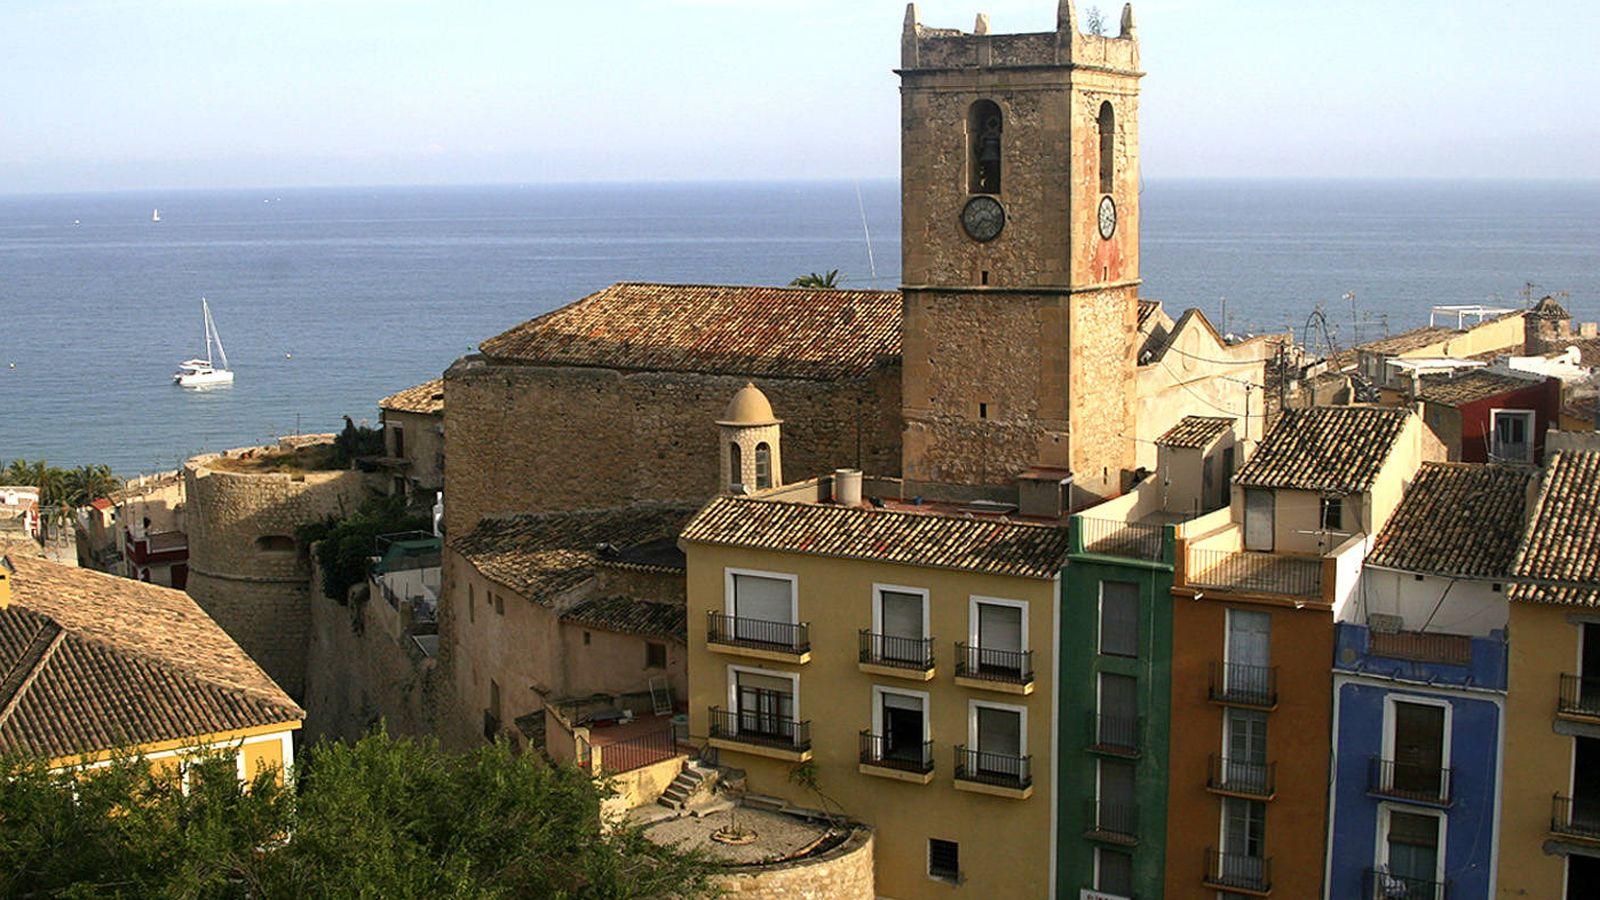 Foto: Villajoyosa tiene casas de colores, tiene mar y muchísimo encanto. (Cortesía Villajoyosa Turismo)